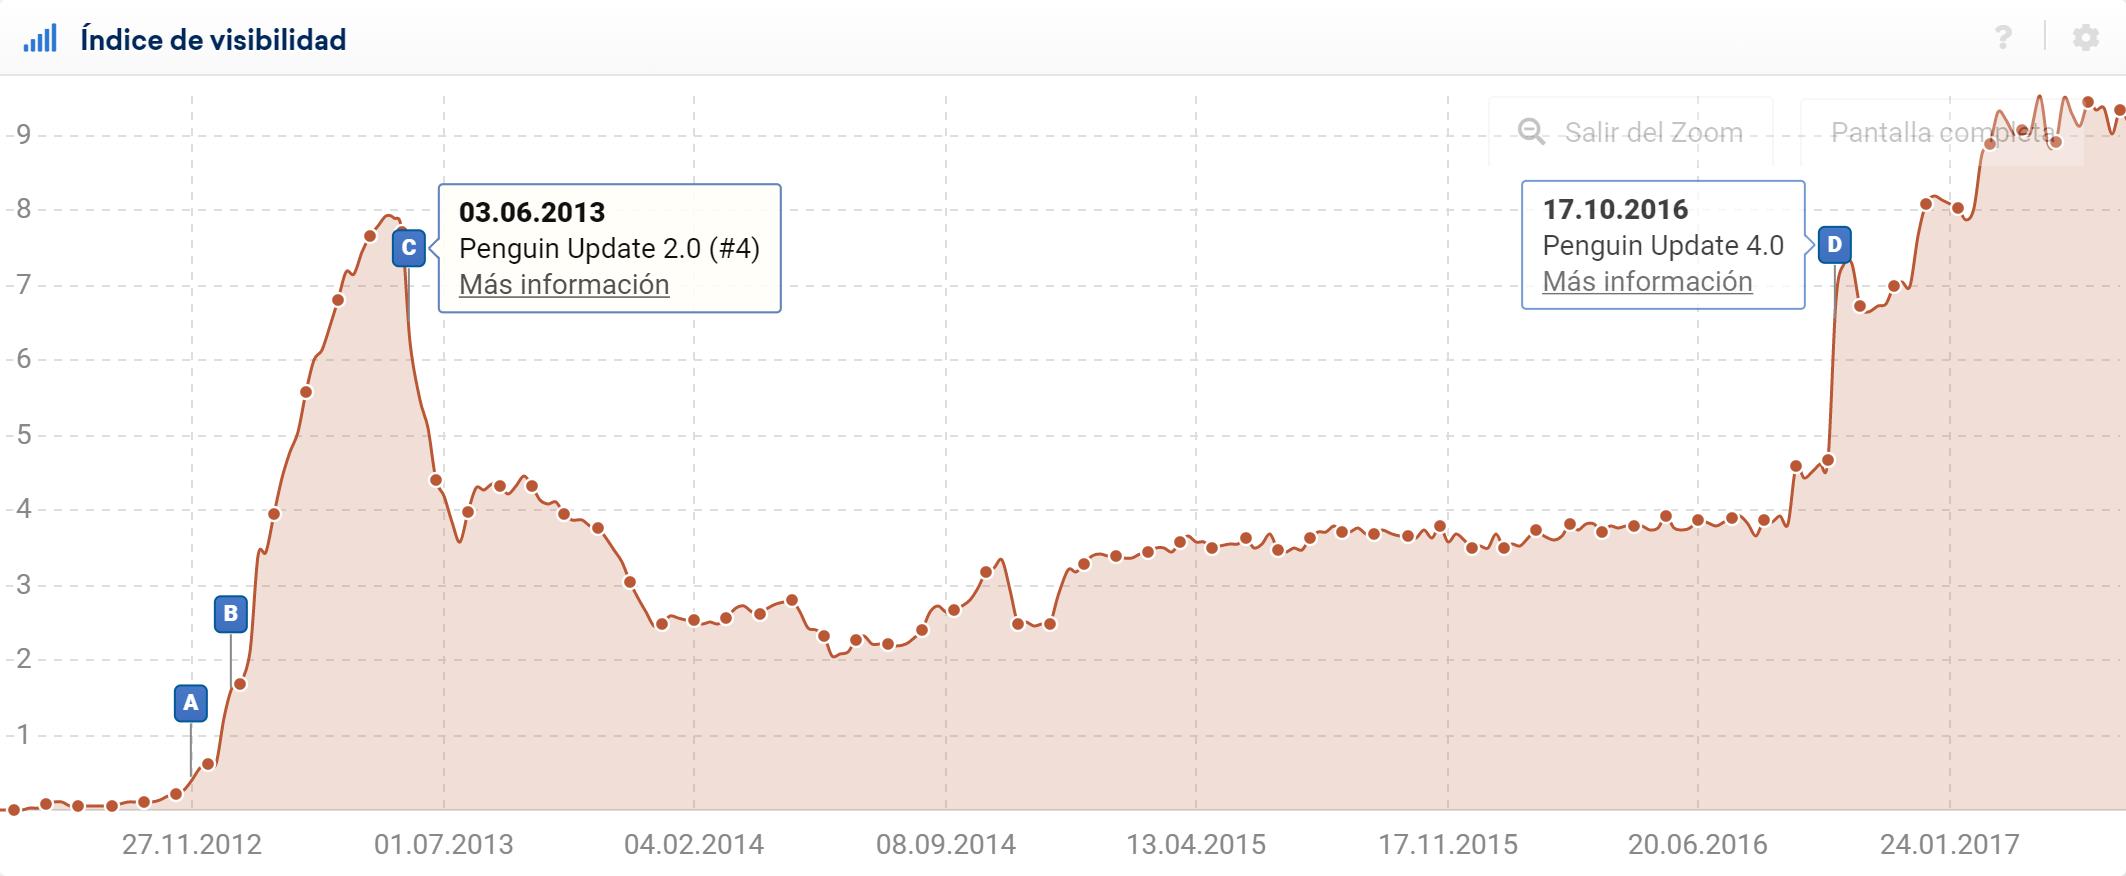 Gráfica del índice de visibilidad de un dominio que se vio afectado por la actualización de Penguin.